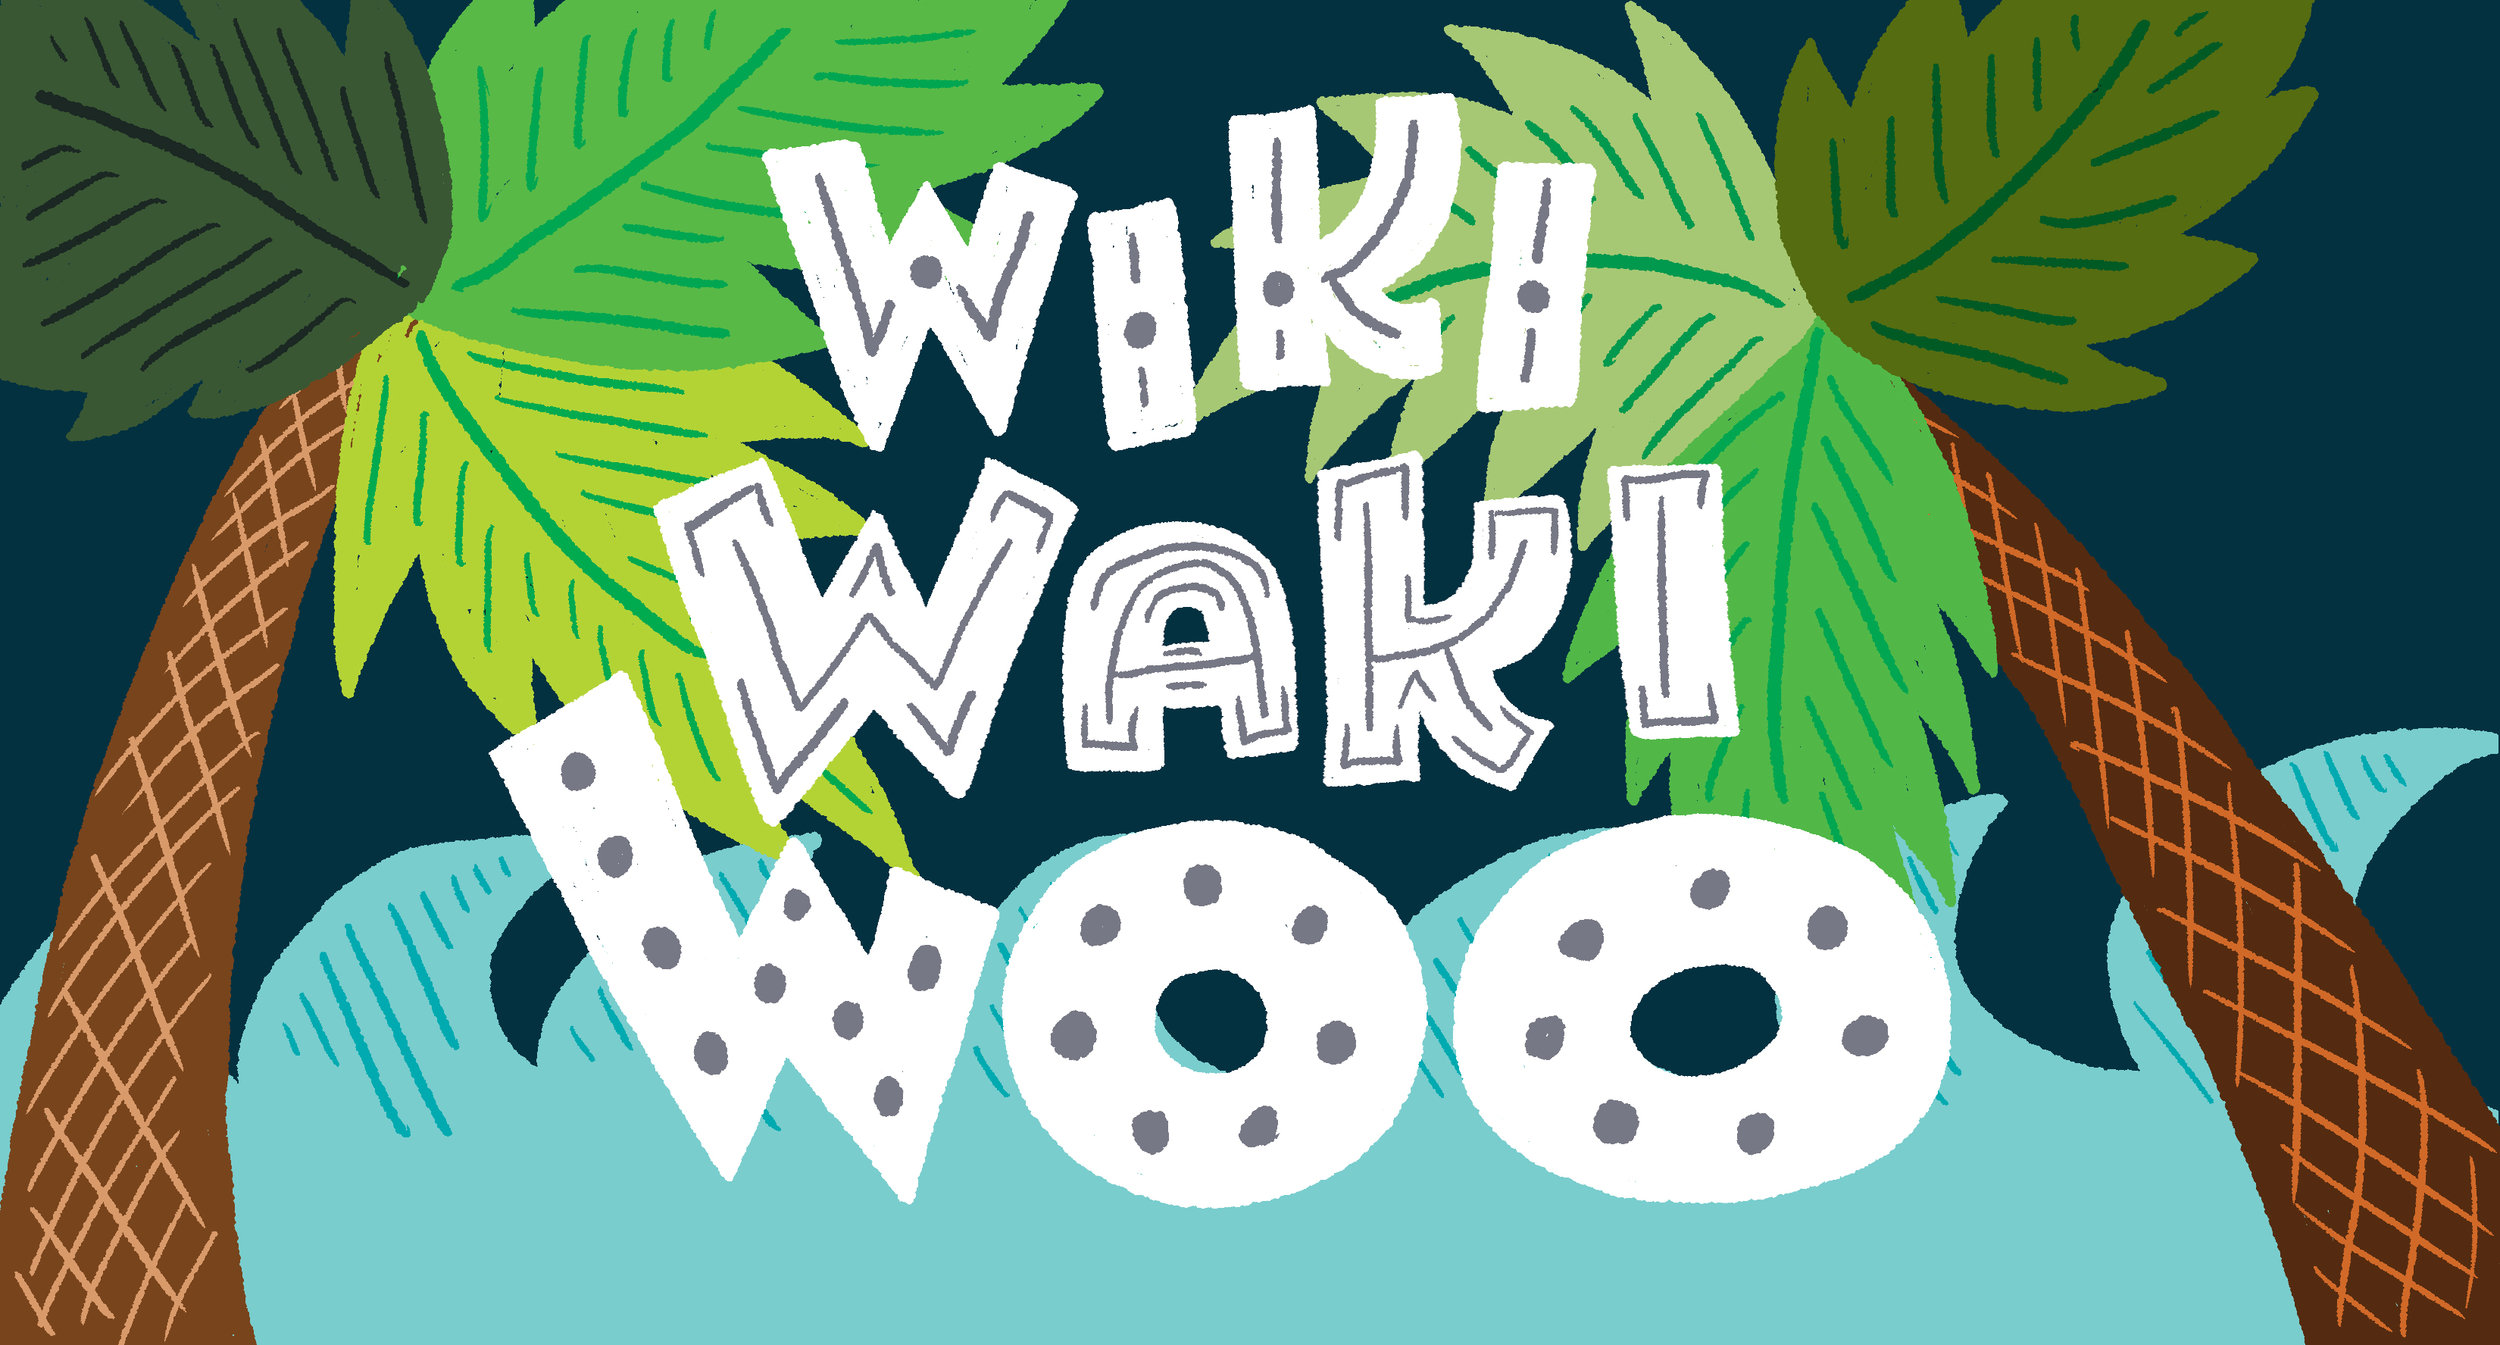 028-wikiwakiwoo.jpg